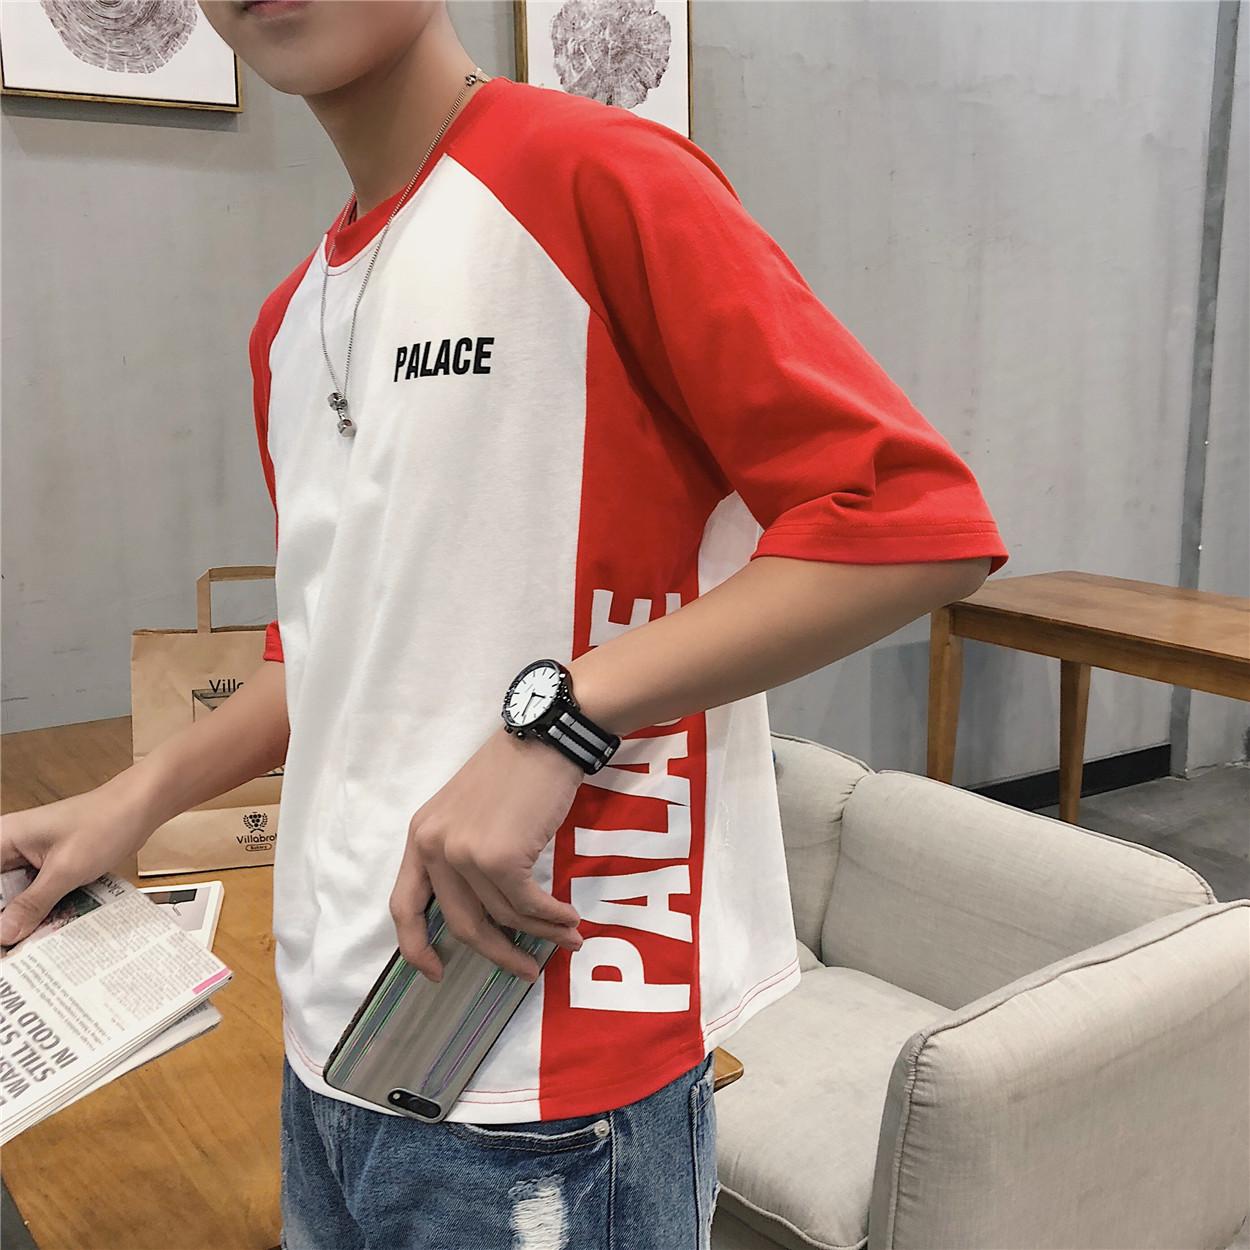 港风文艺潮流拼色男士短袖T恤圆领夏季宽松体恤韩版印花半袖衣服